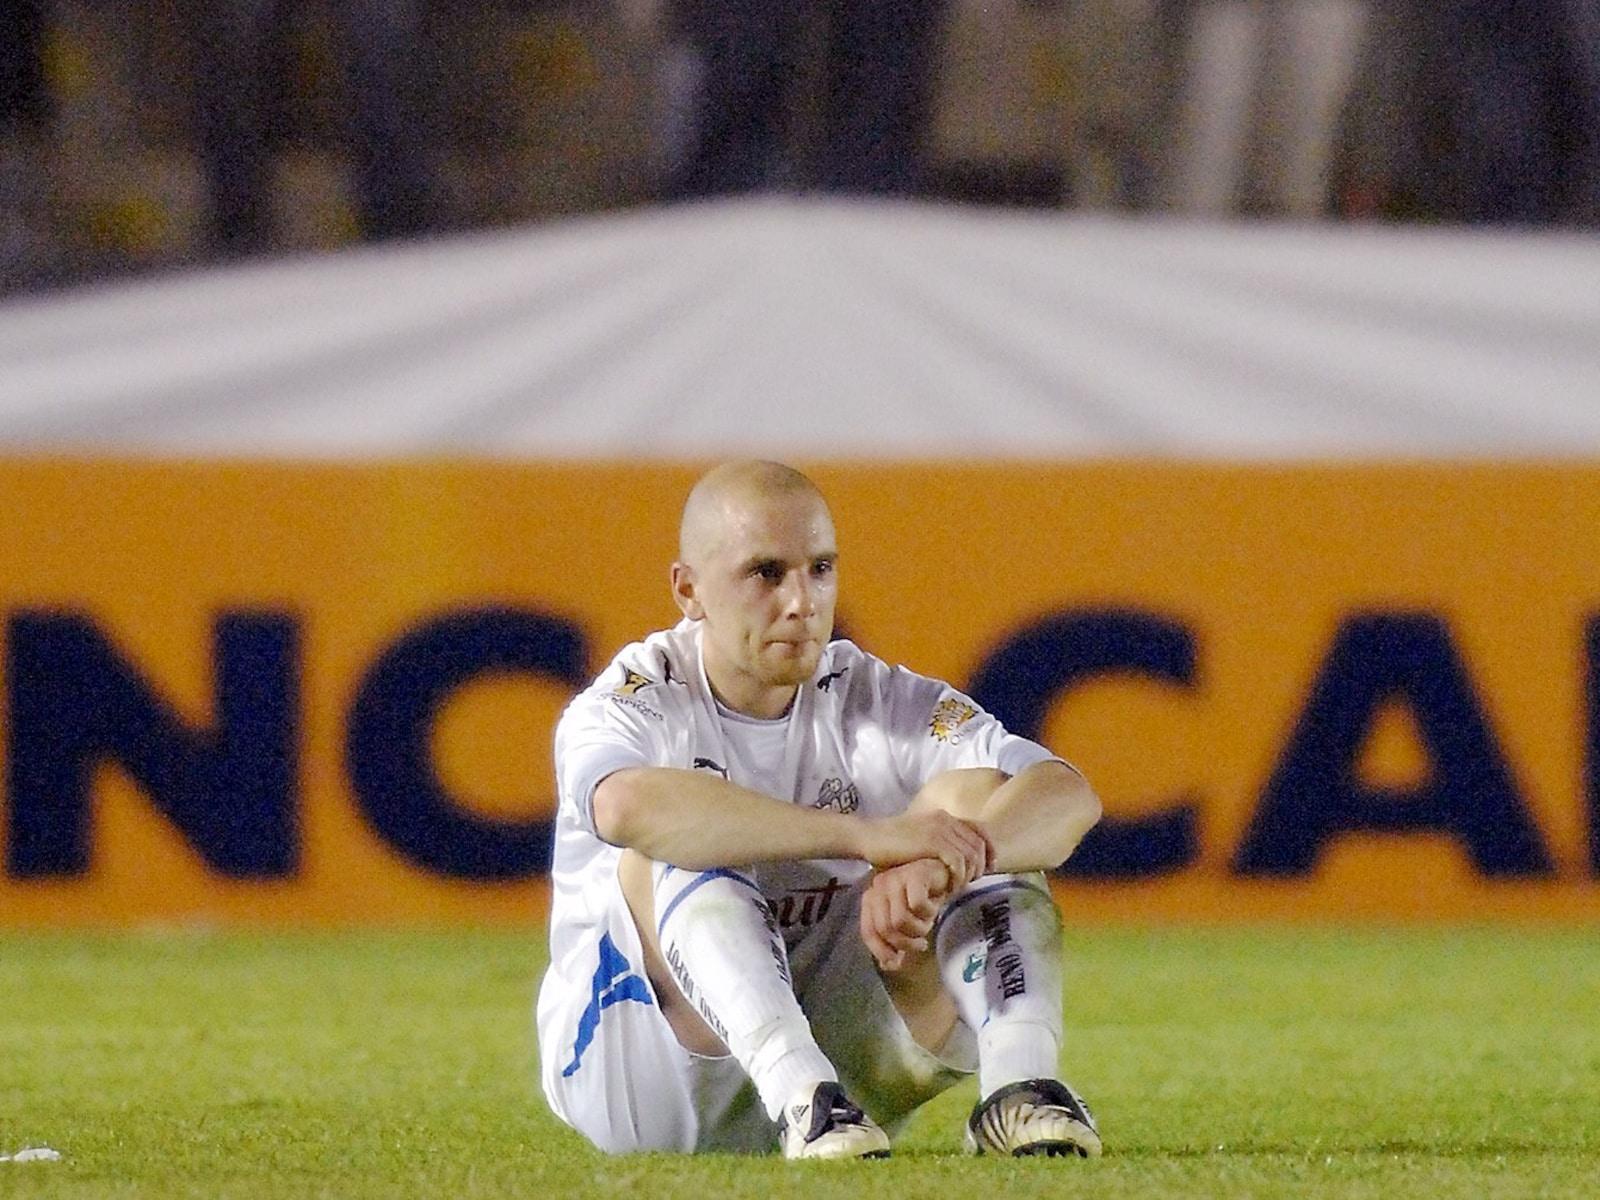 Le joueur Sandro Grande est assis sur le terrain